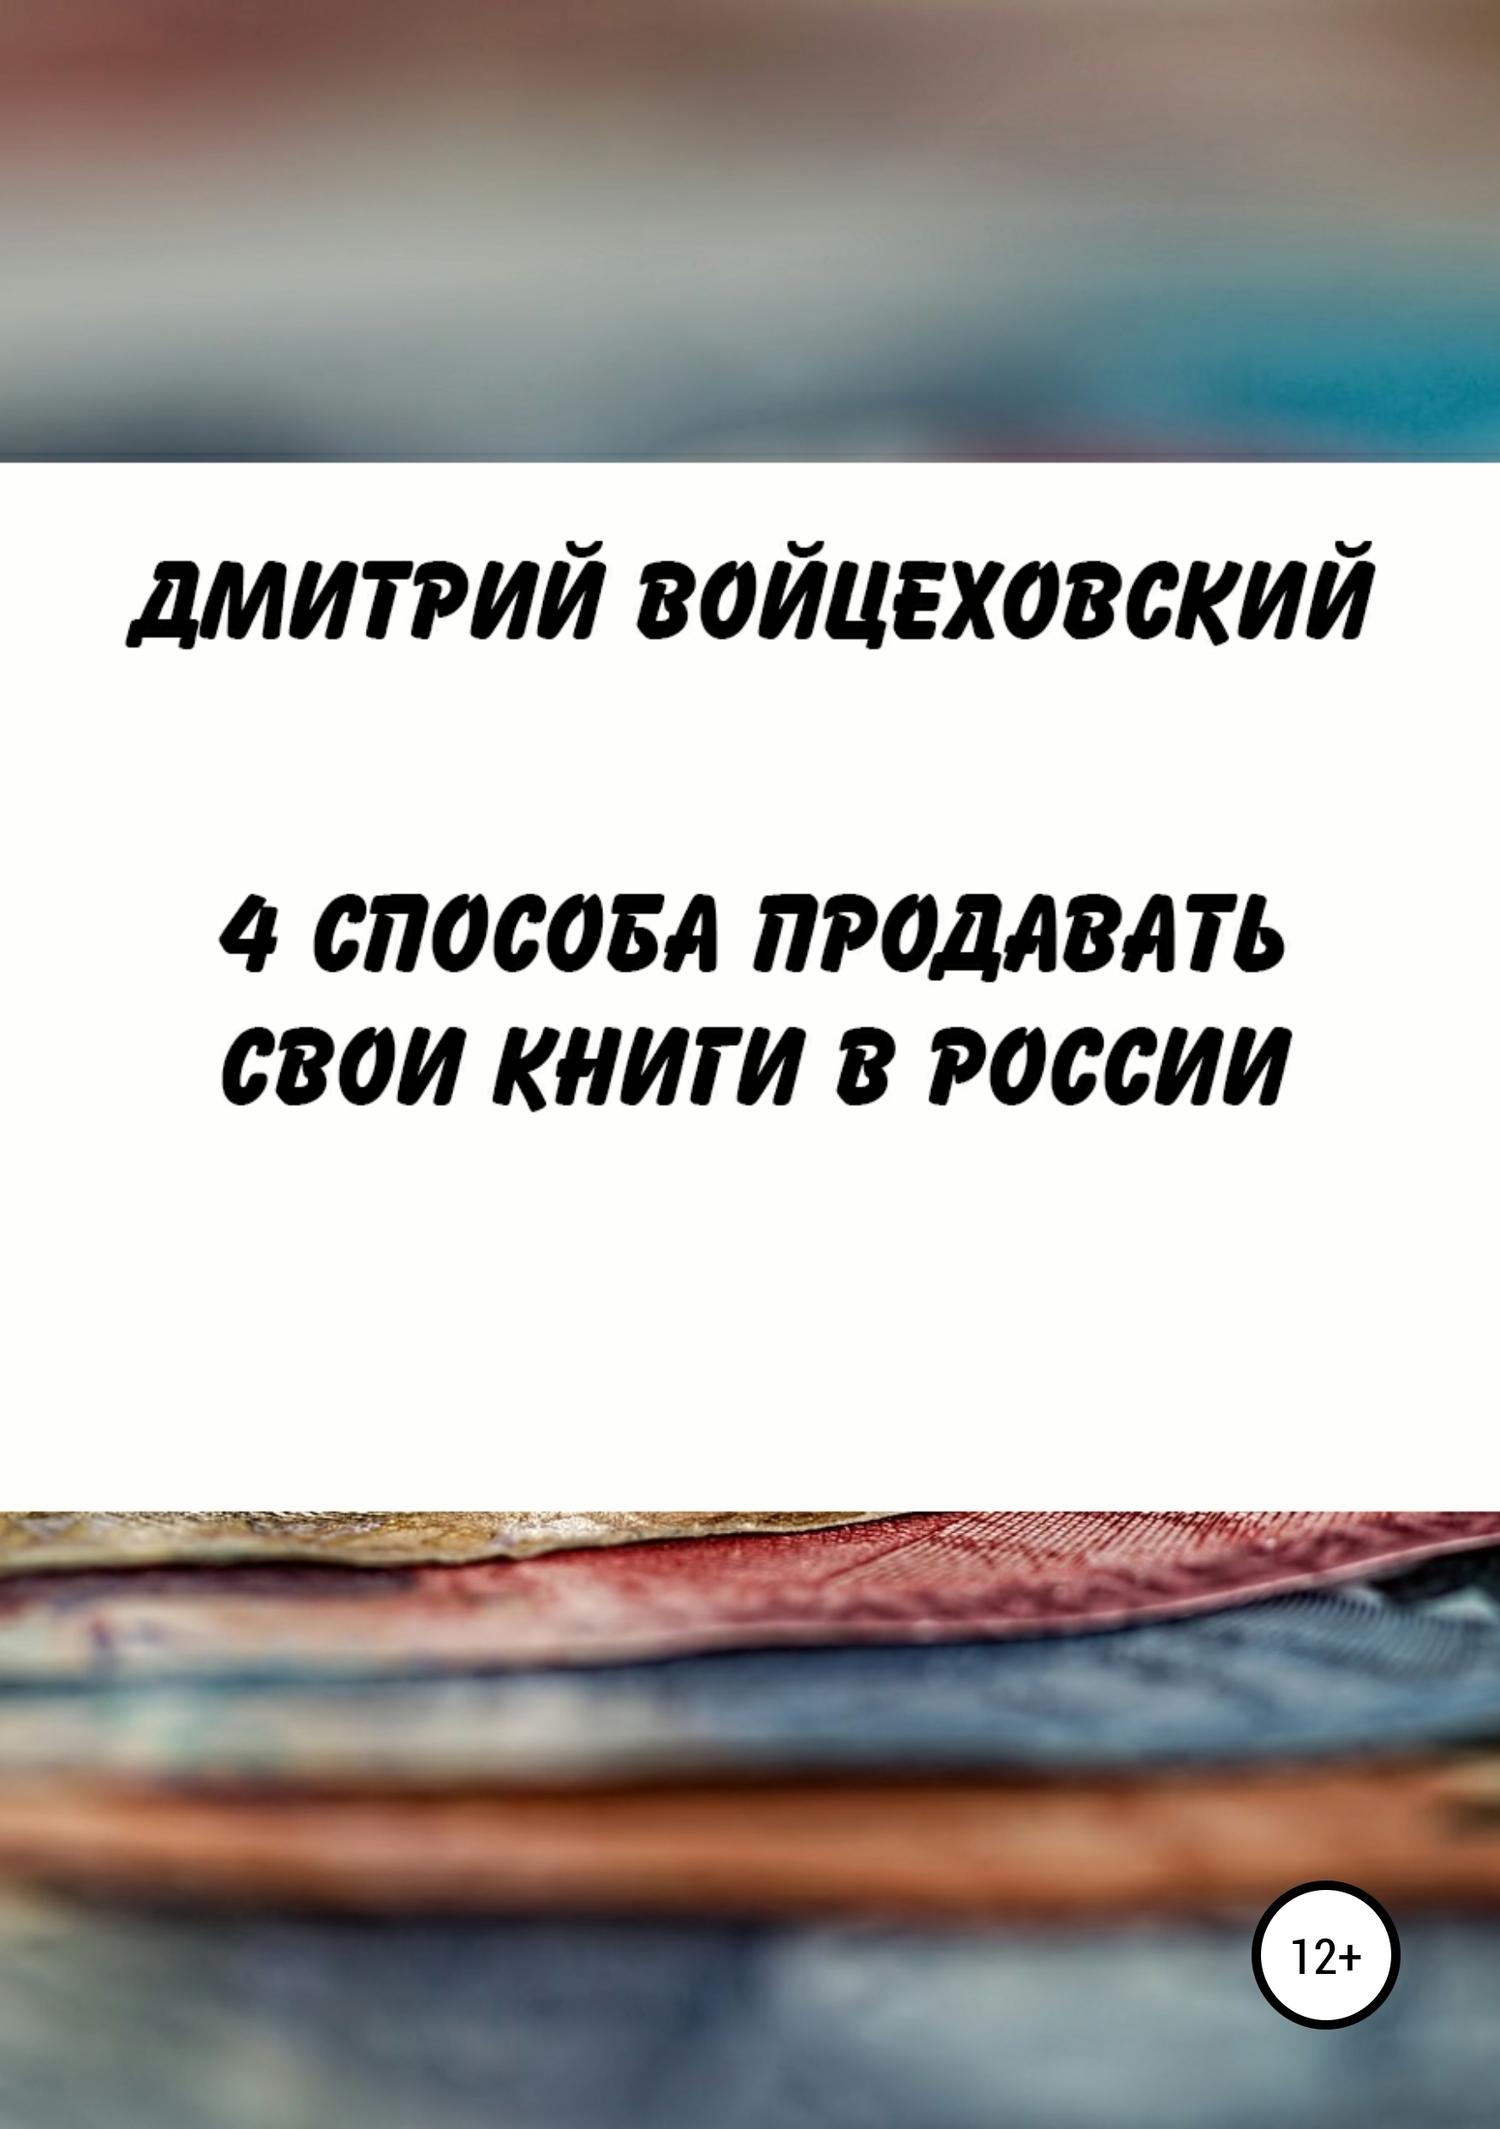 4 способа продавать свои книги в России